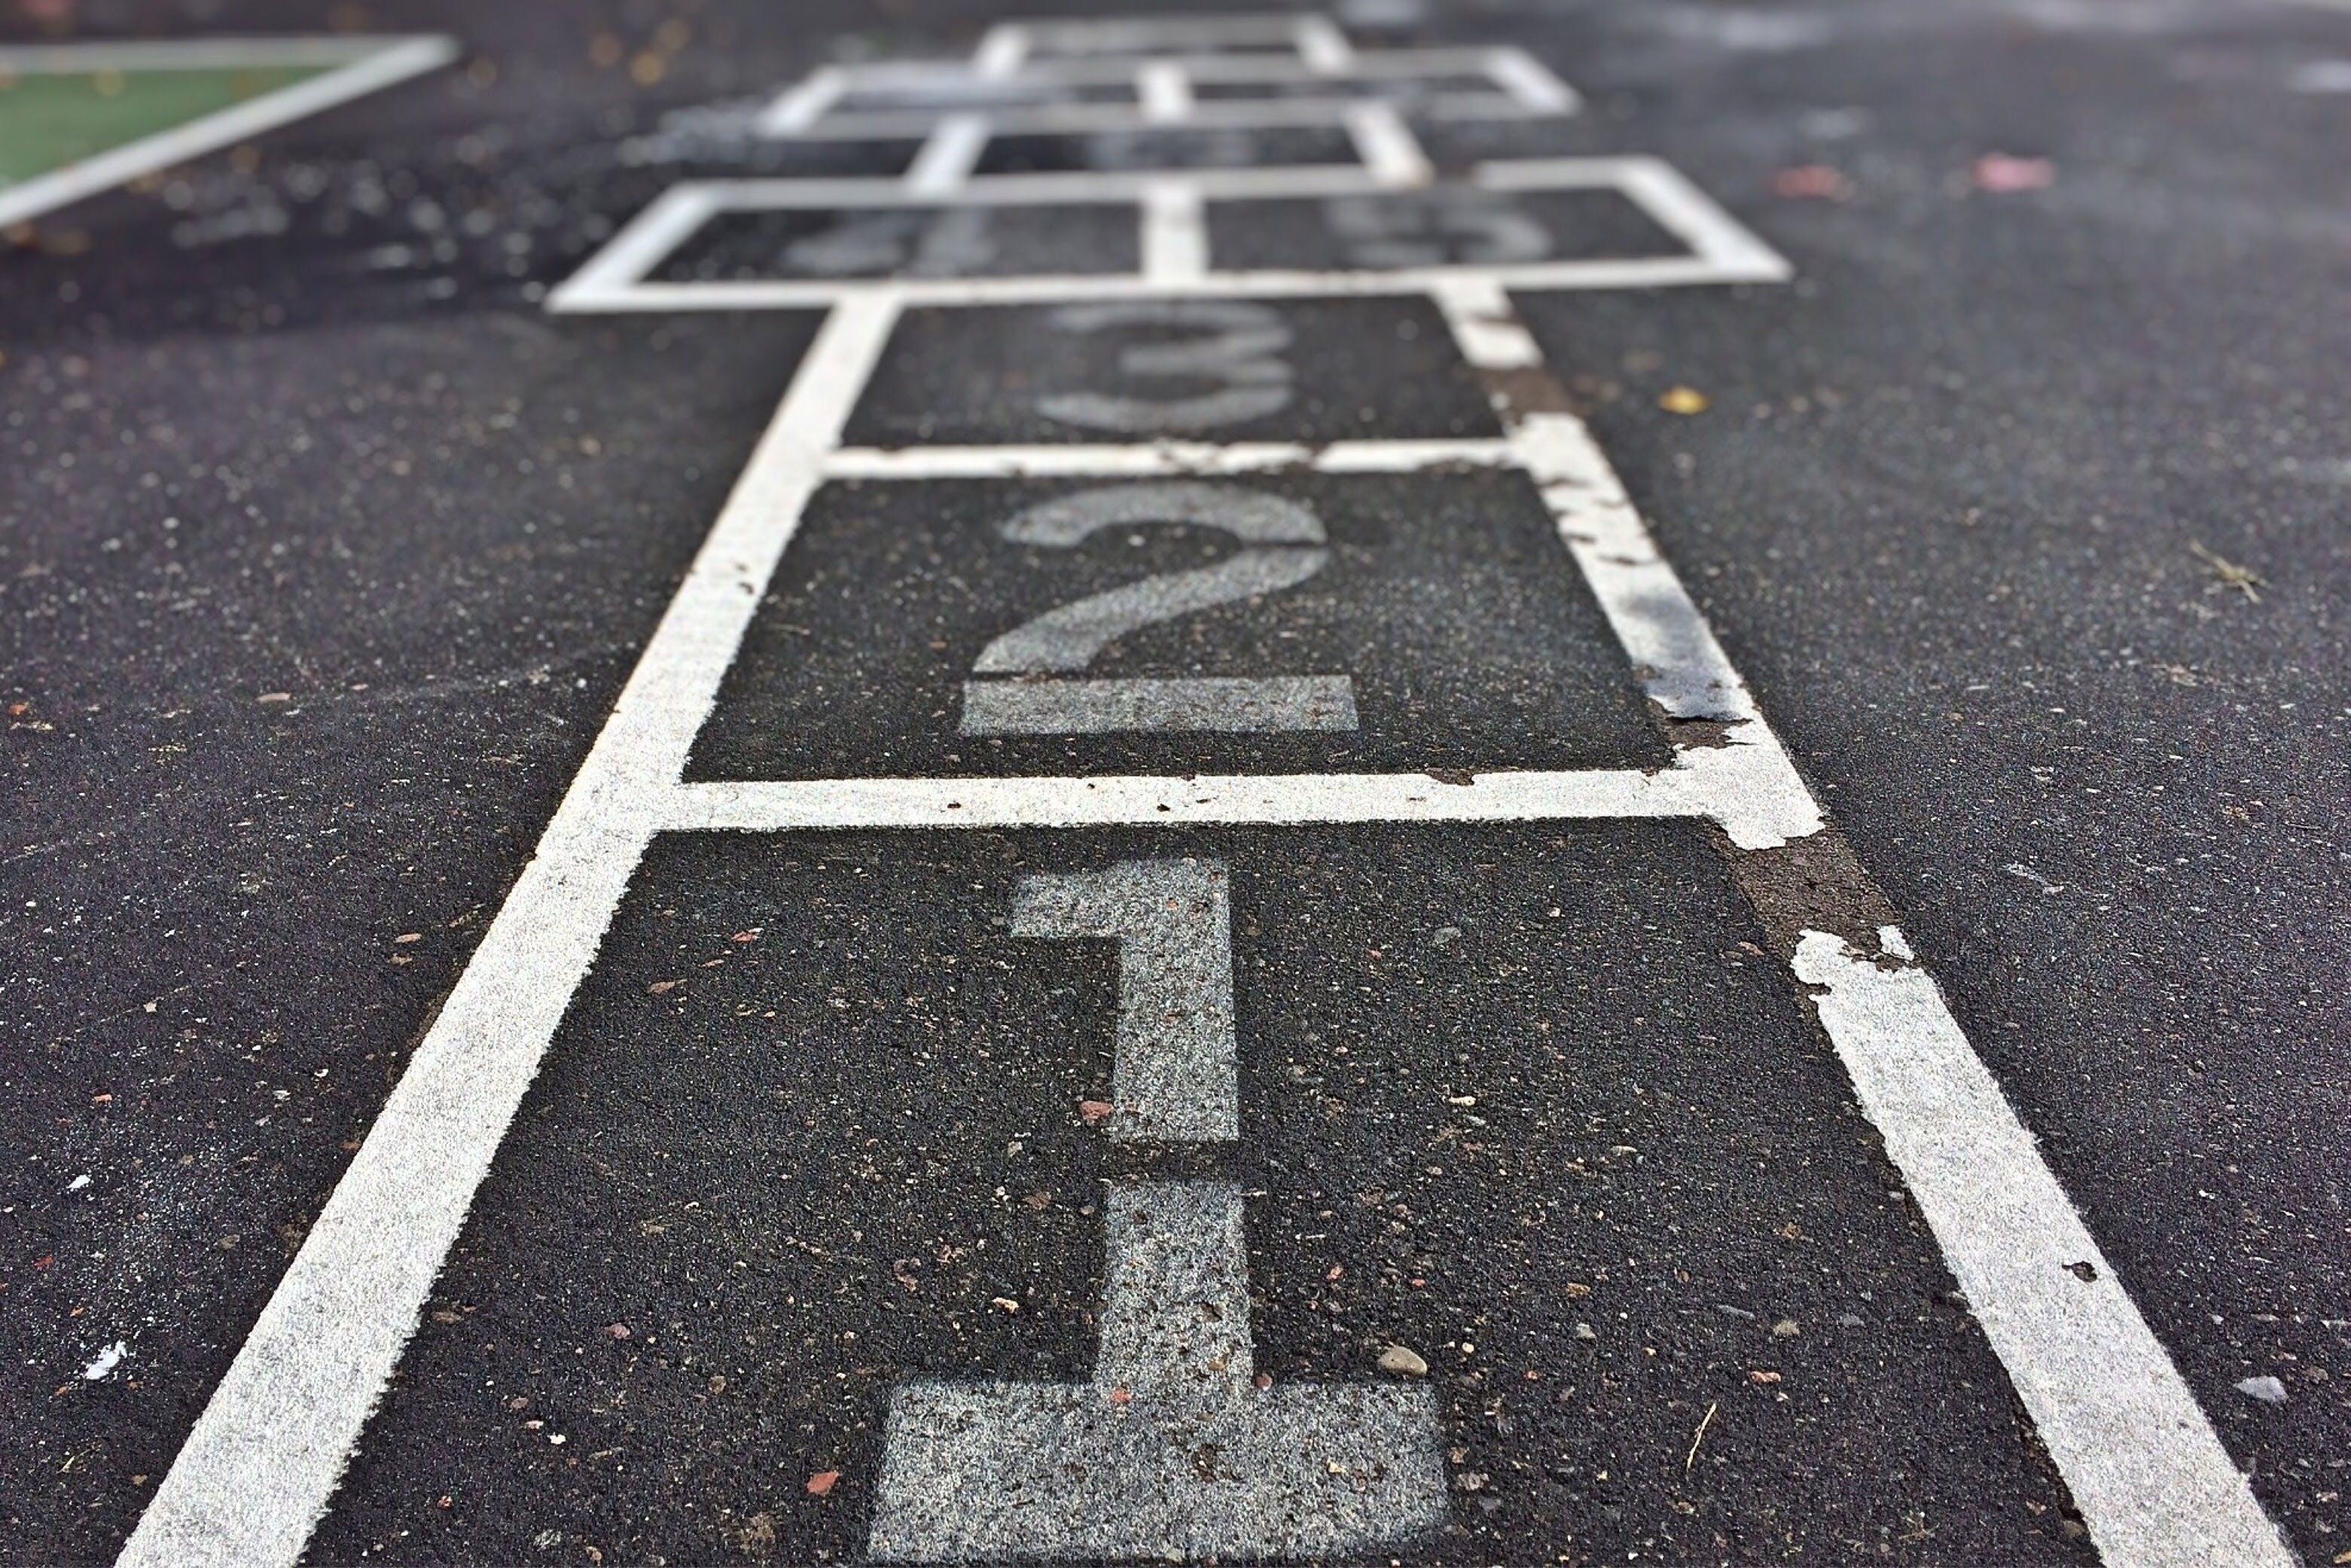 asphalt, game, hopscotch